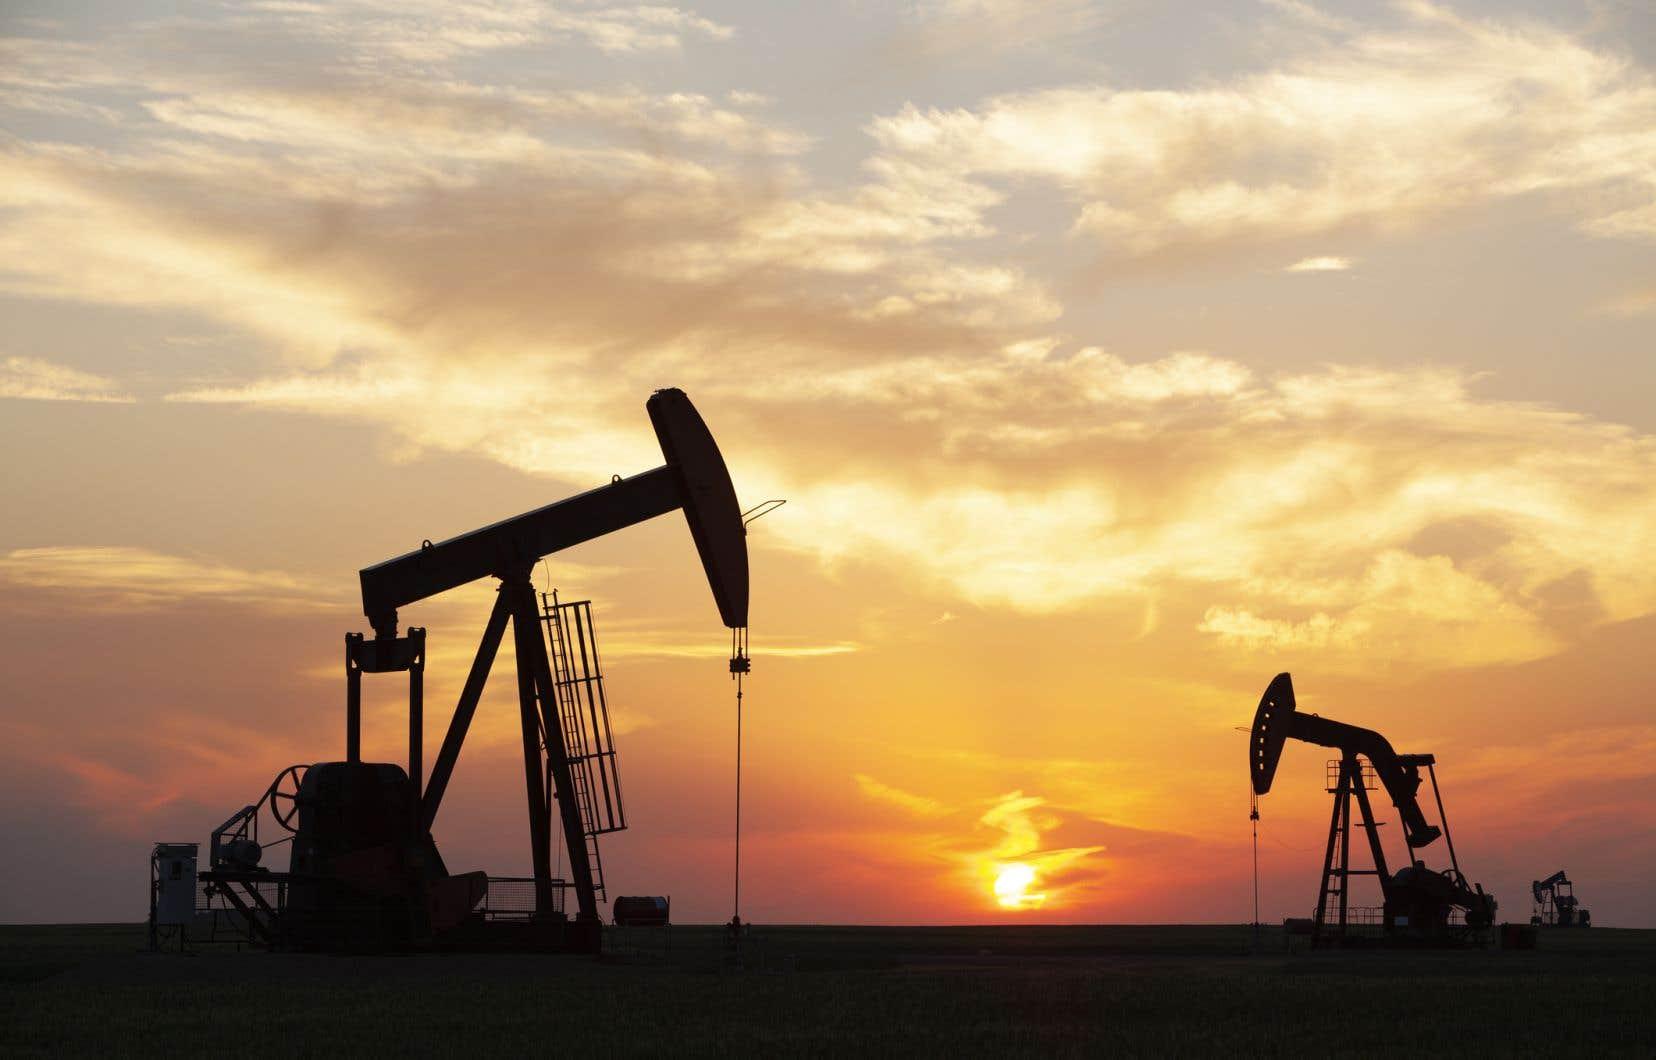 La norme sur les carburants propres constitue l'un des principaux éléments de la stratégie du gouvernement fédéral pour atteindre les objectifs fixés par l'Accord de Paris sur le climat.